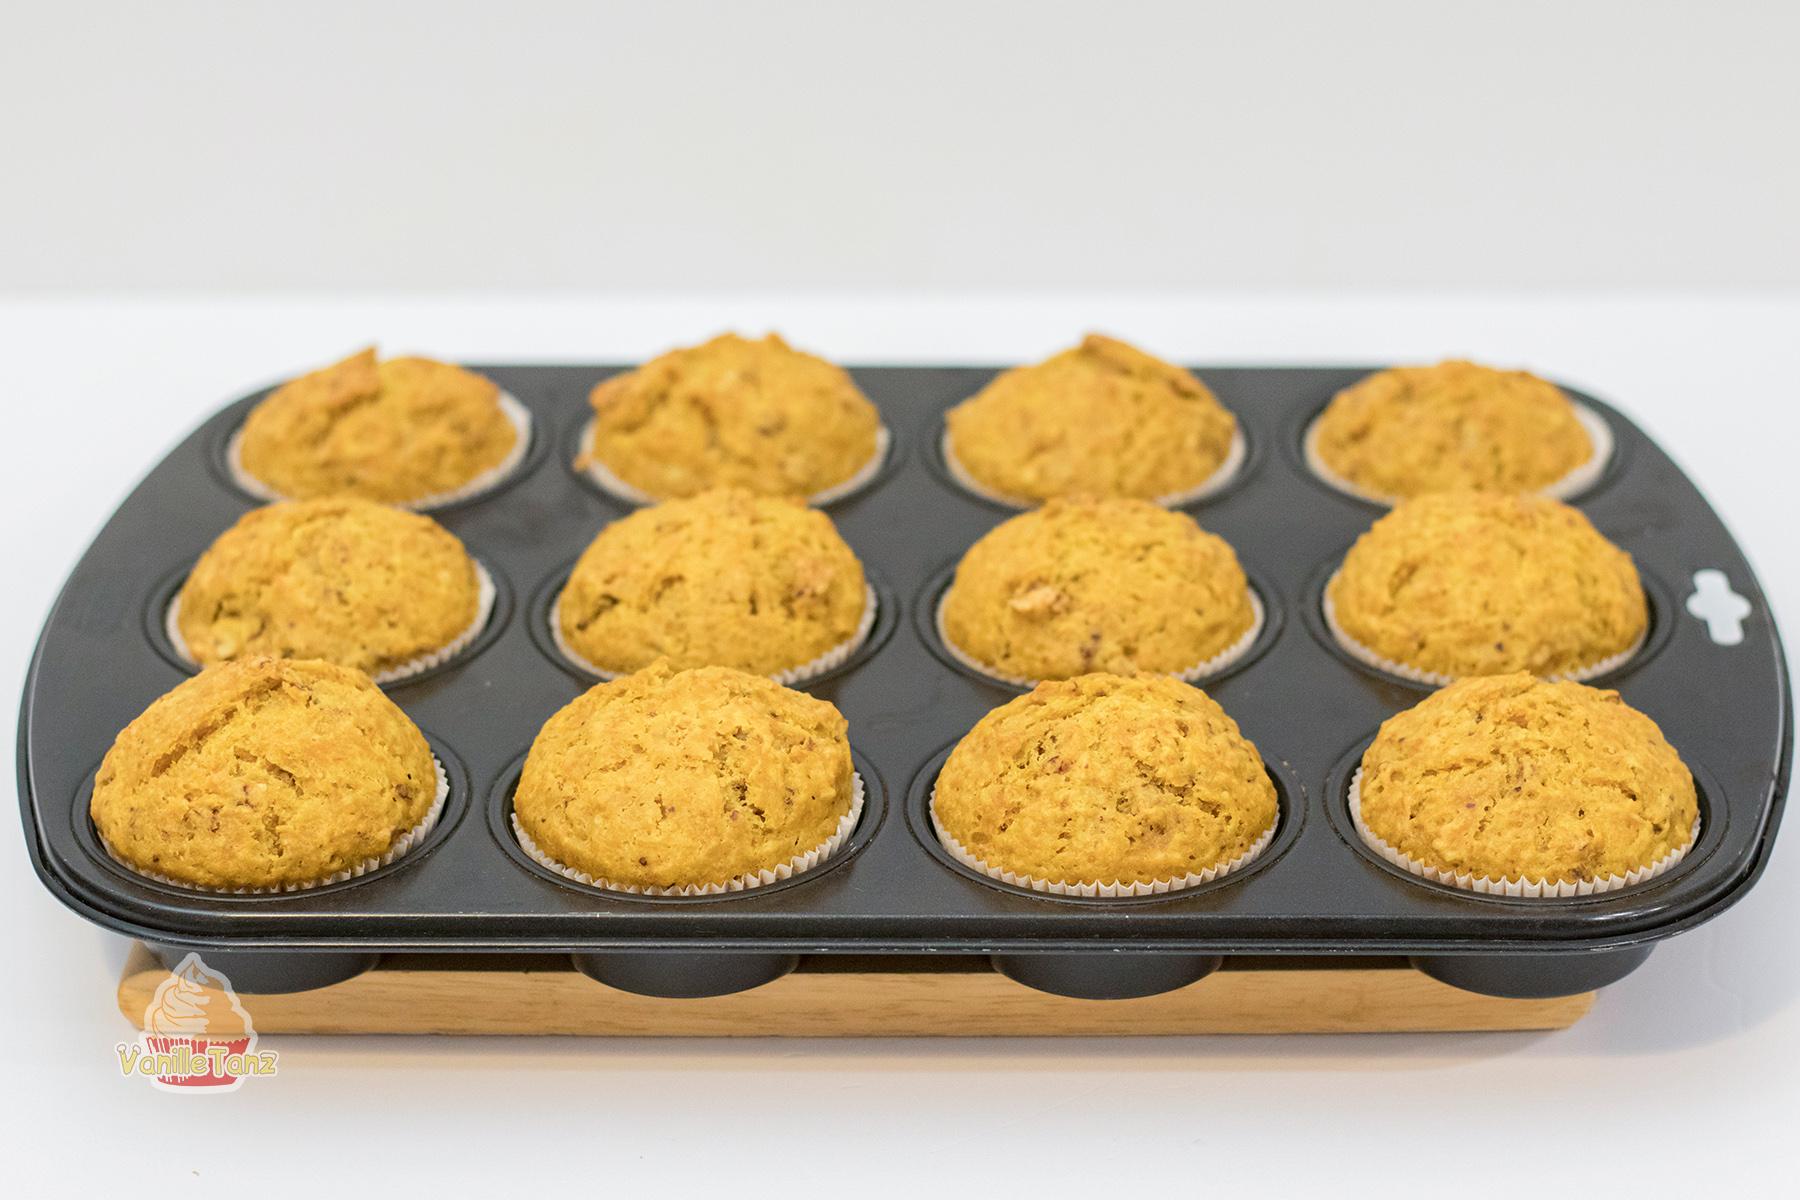 Muffin Backform für zwölf Muffins mit fertig gebackenen Karotten Muffins